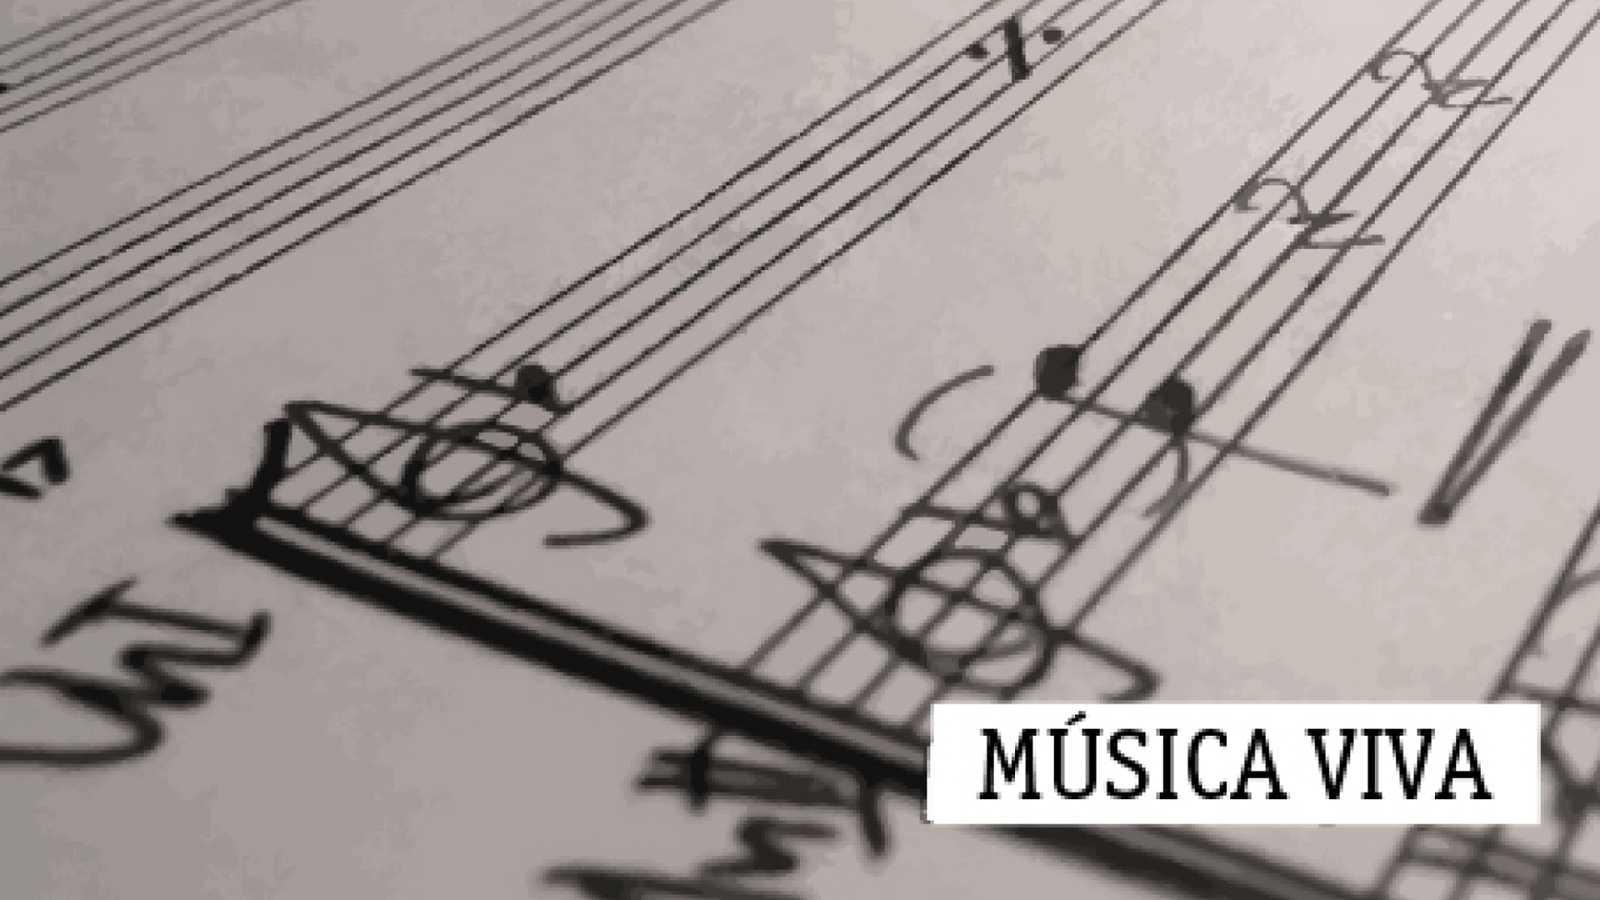 Música viva - 25 años sin Enrique X. Macías - 06/12/20 - escuchar ahora